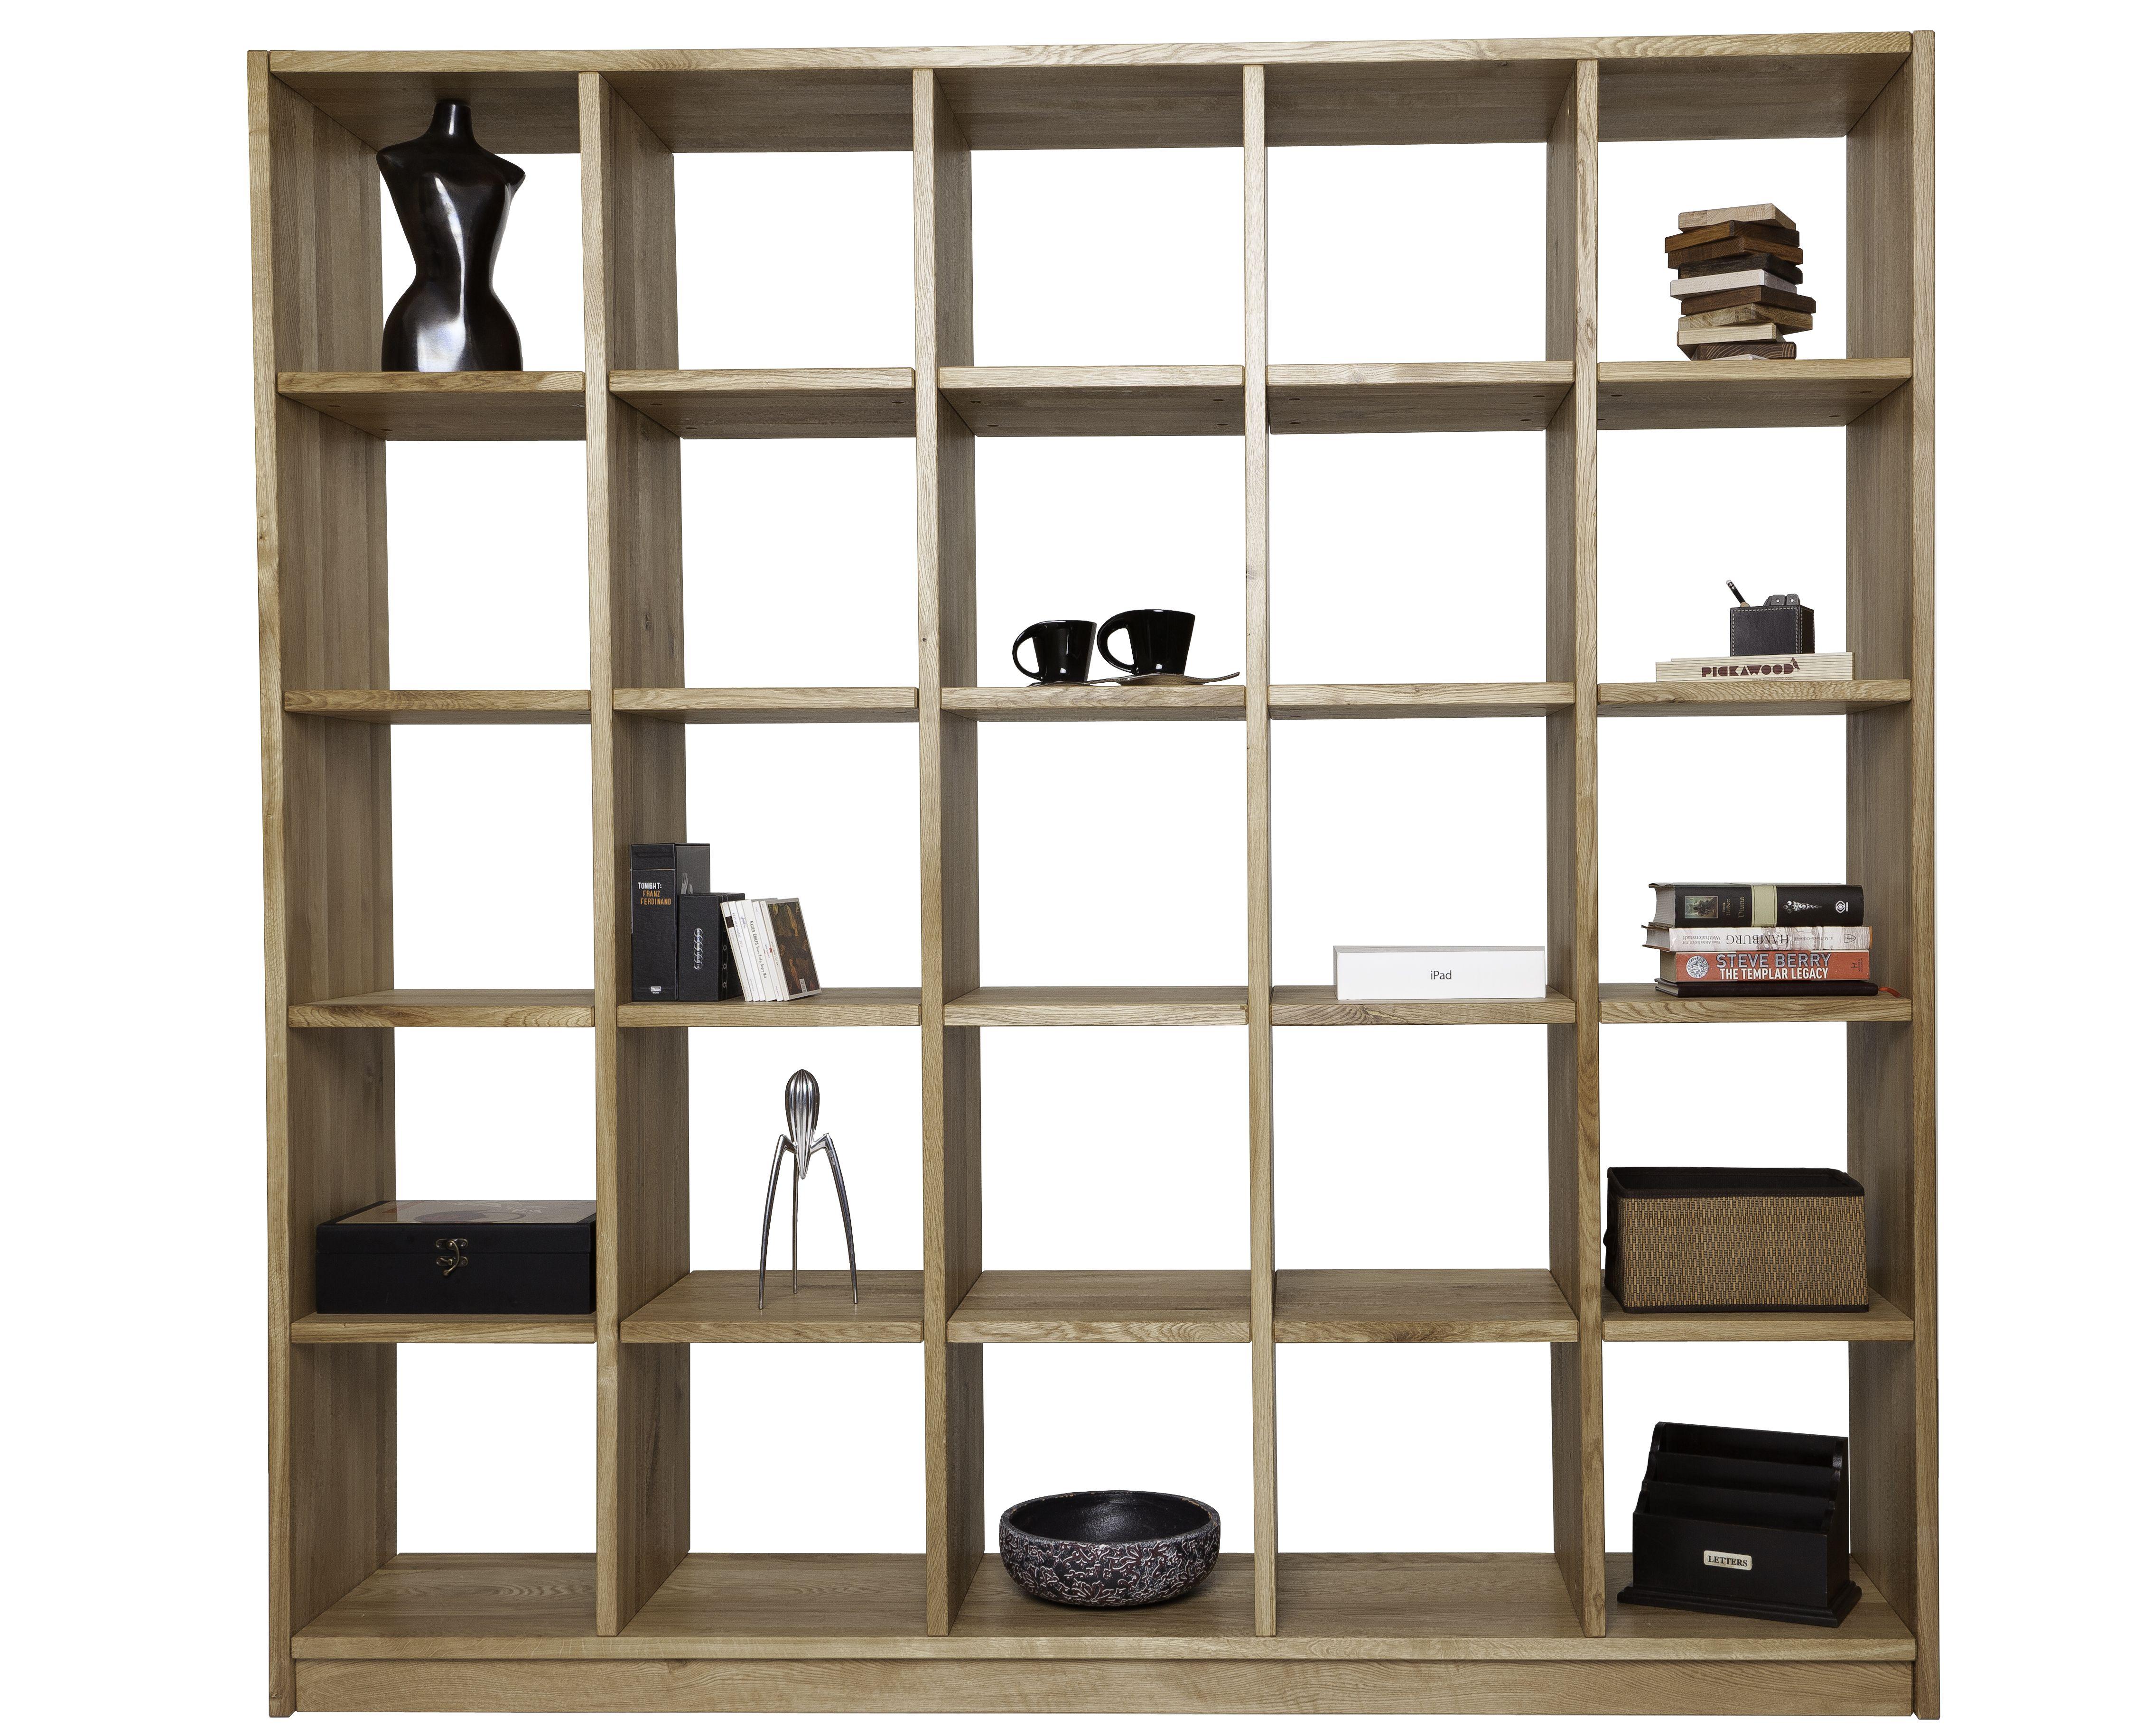 wundersch nes b cherregal nach ma welches auch als raumteiler genutzt werden kann das massive. Black Bedroom Furniture Sets. Home Design Ideas